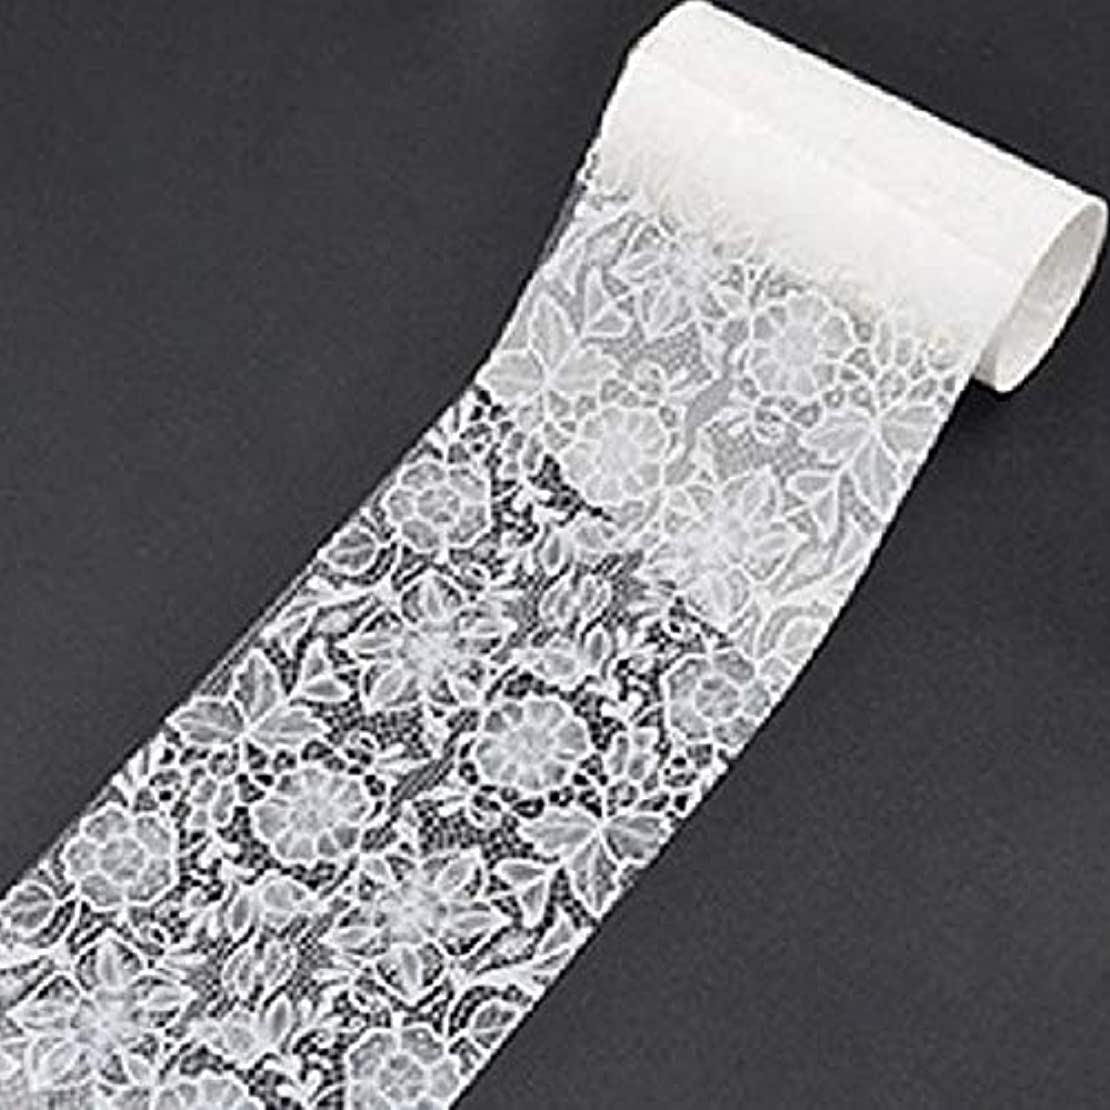 振り向く積極的にまだQuzama-JS 古典的な白いレースの花の爪箔転送(None 8)